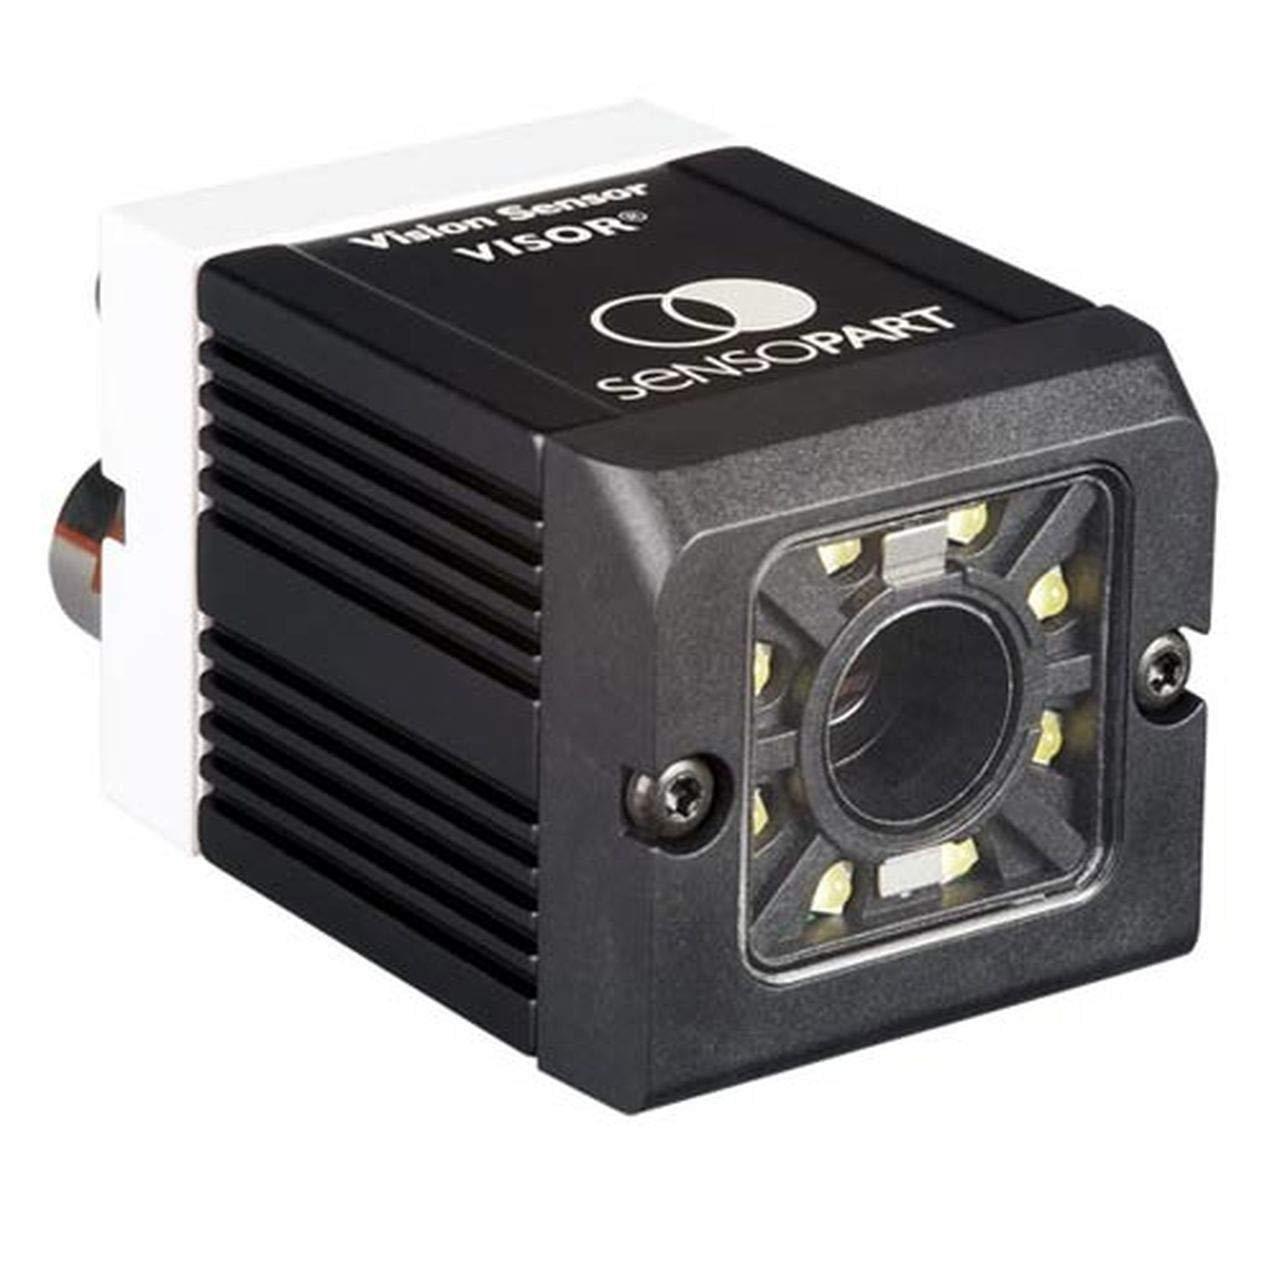 SensoPart V10-CR-S2-W25 Code Reader,Standard,1D//2D,25mm,White LEDs,RS422,EtherNET//IP 535-91088